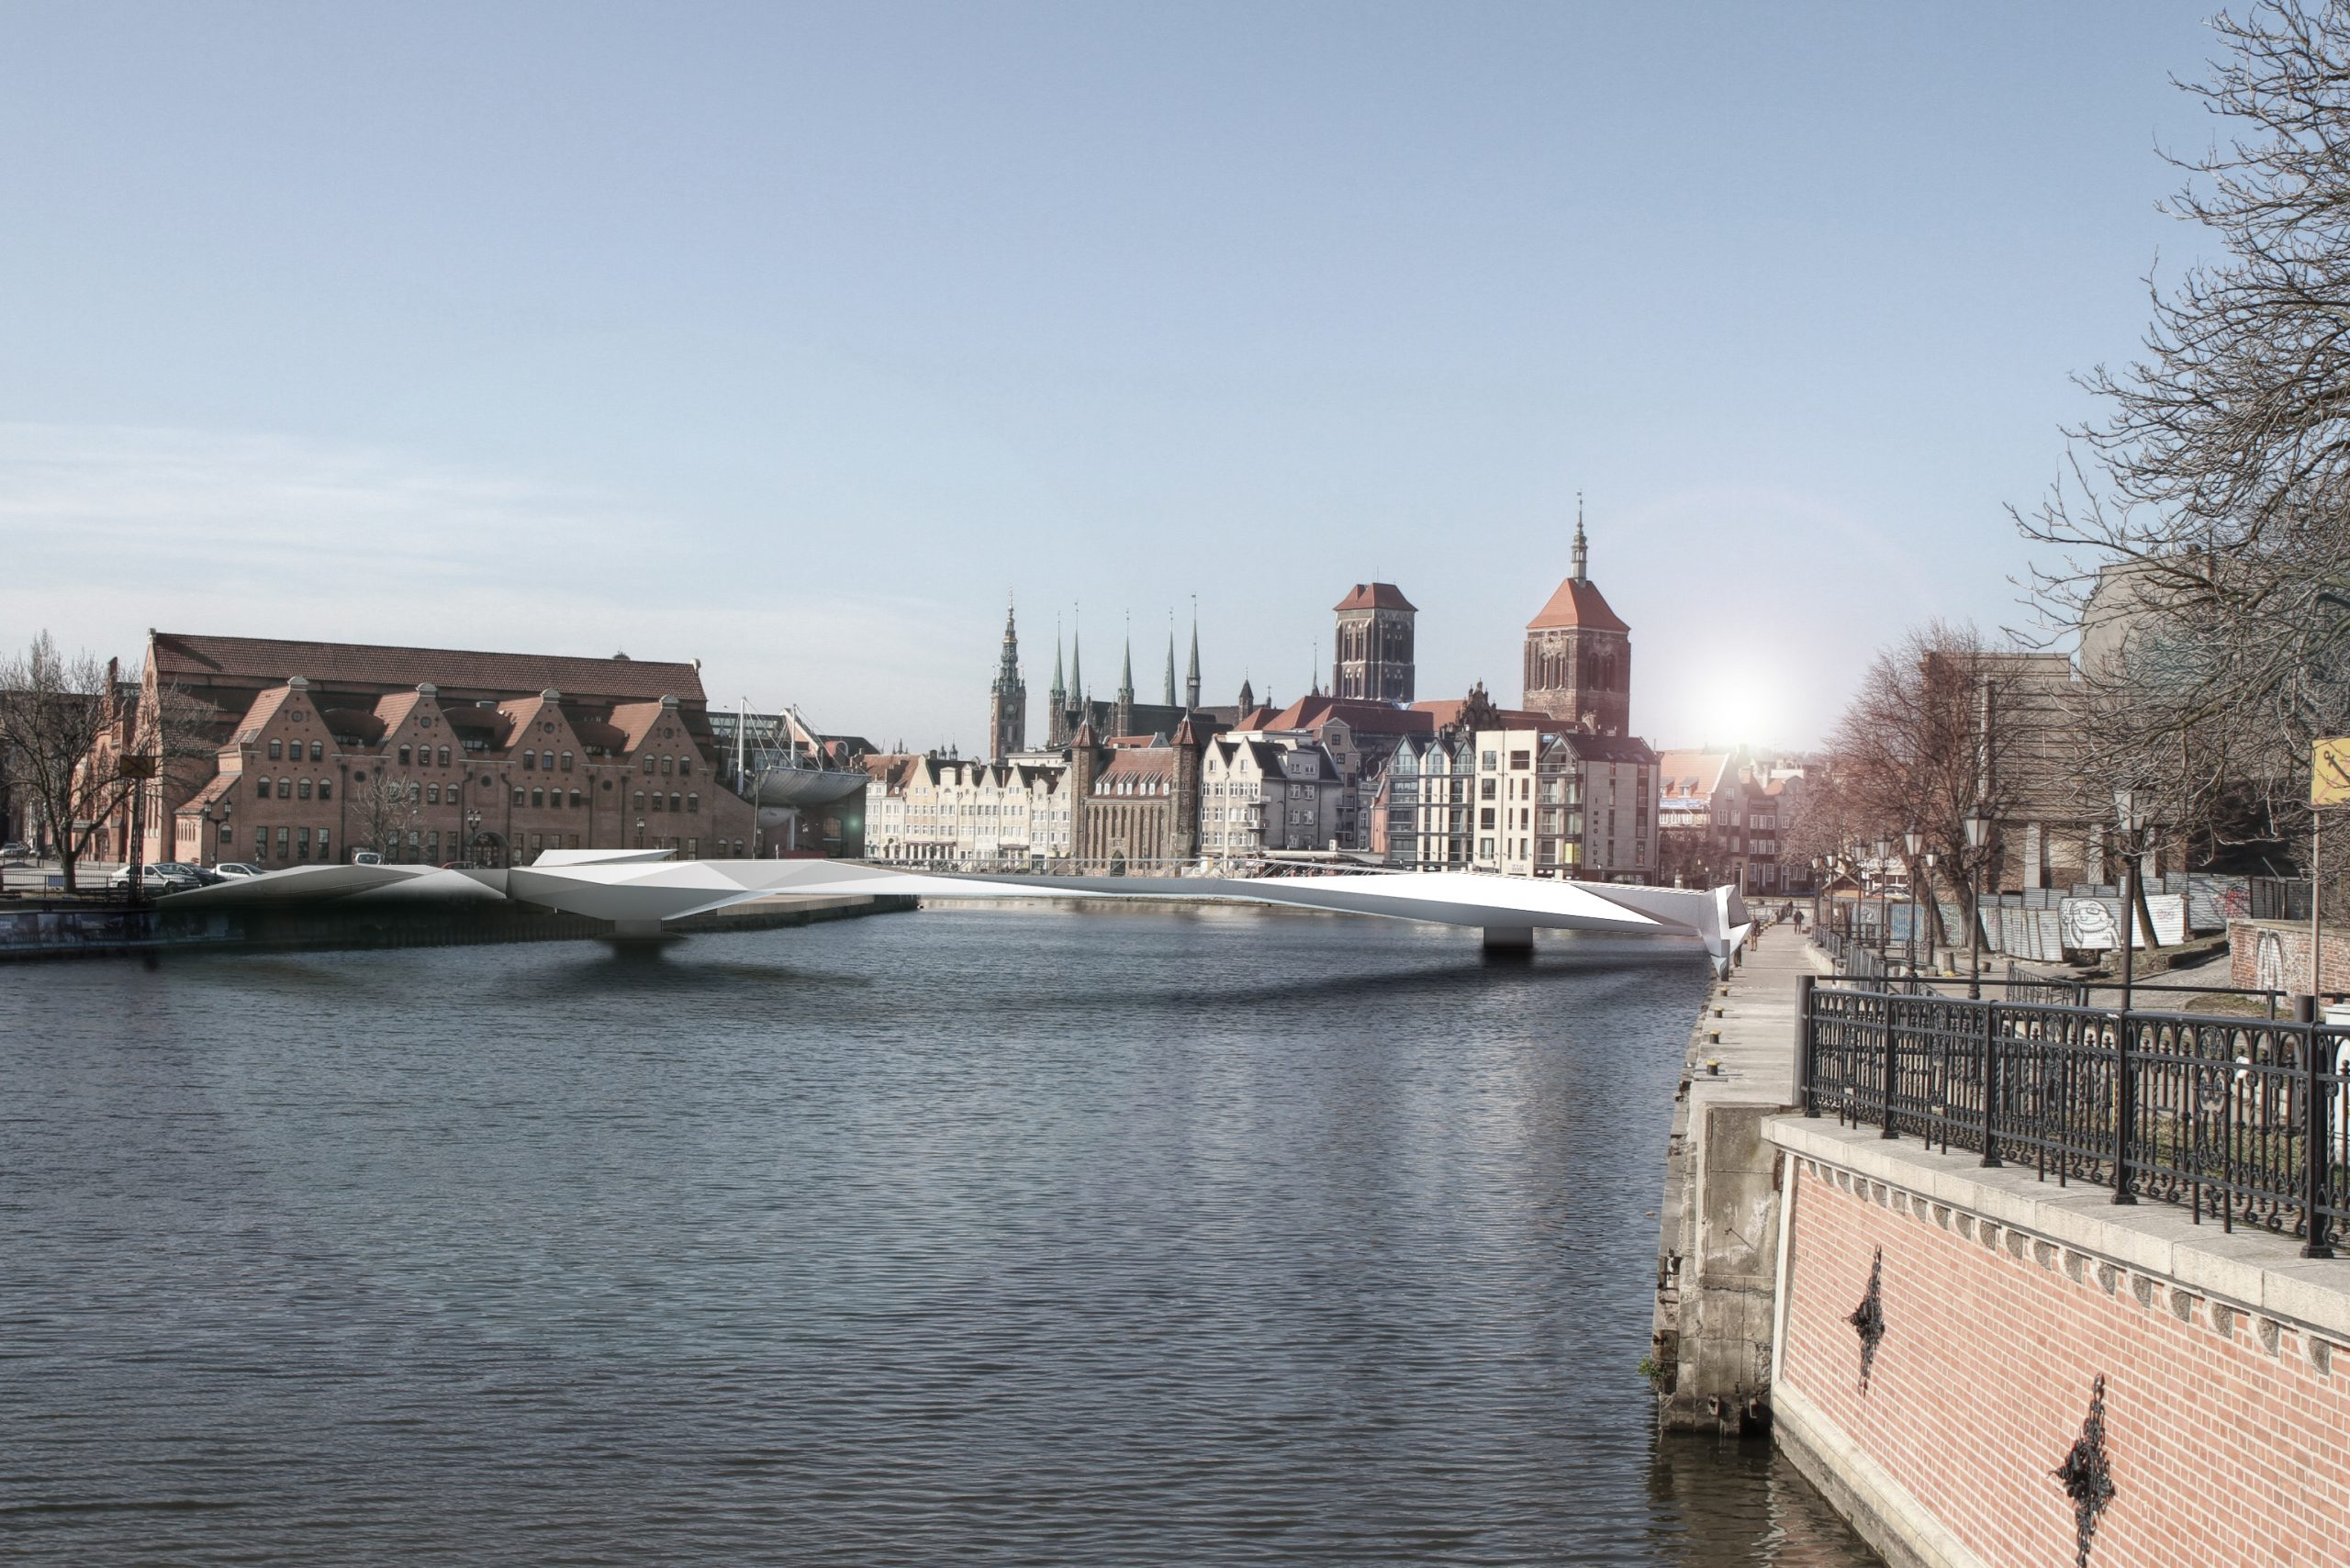 Projekt konkursowy na koncepcję kładki pieszej nad rzeką Motławą w Gdańsku